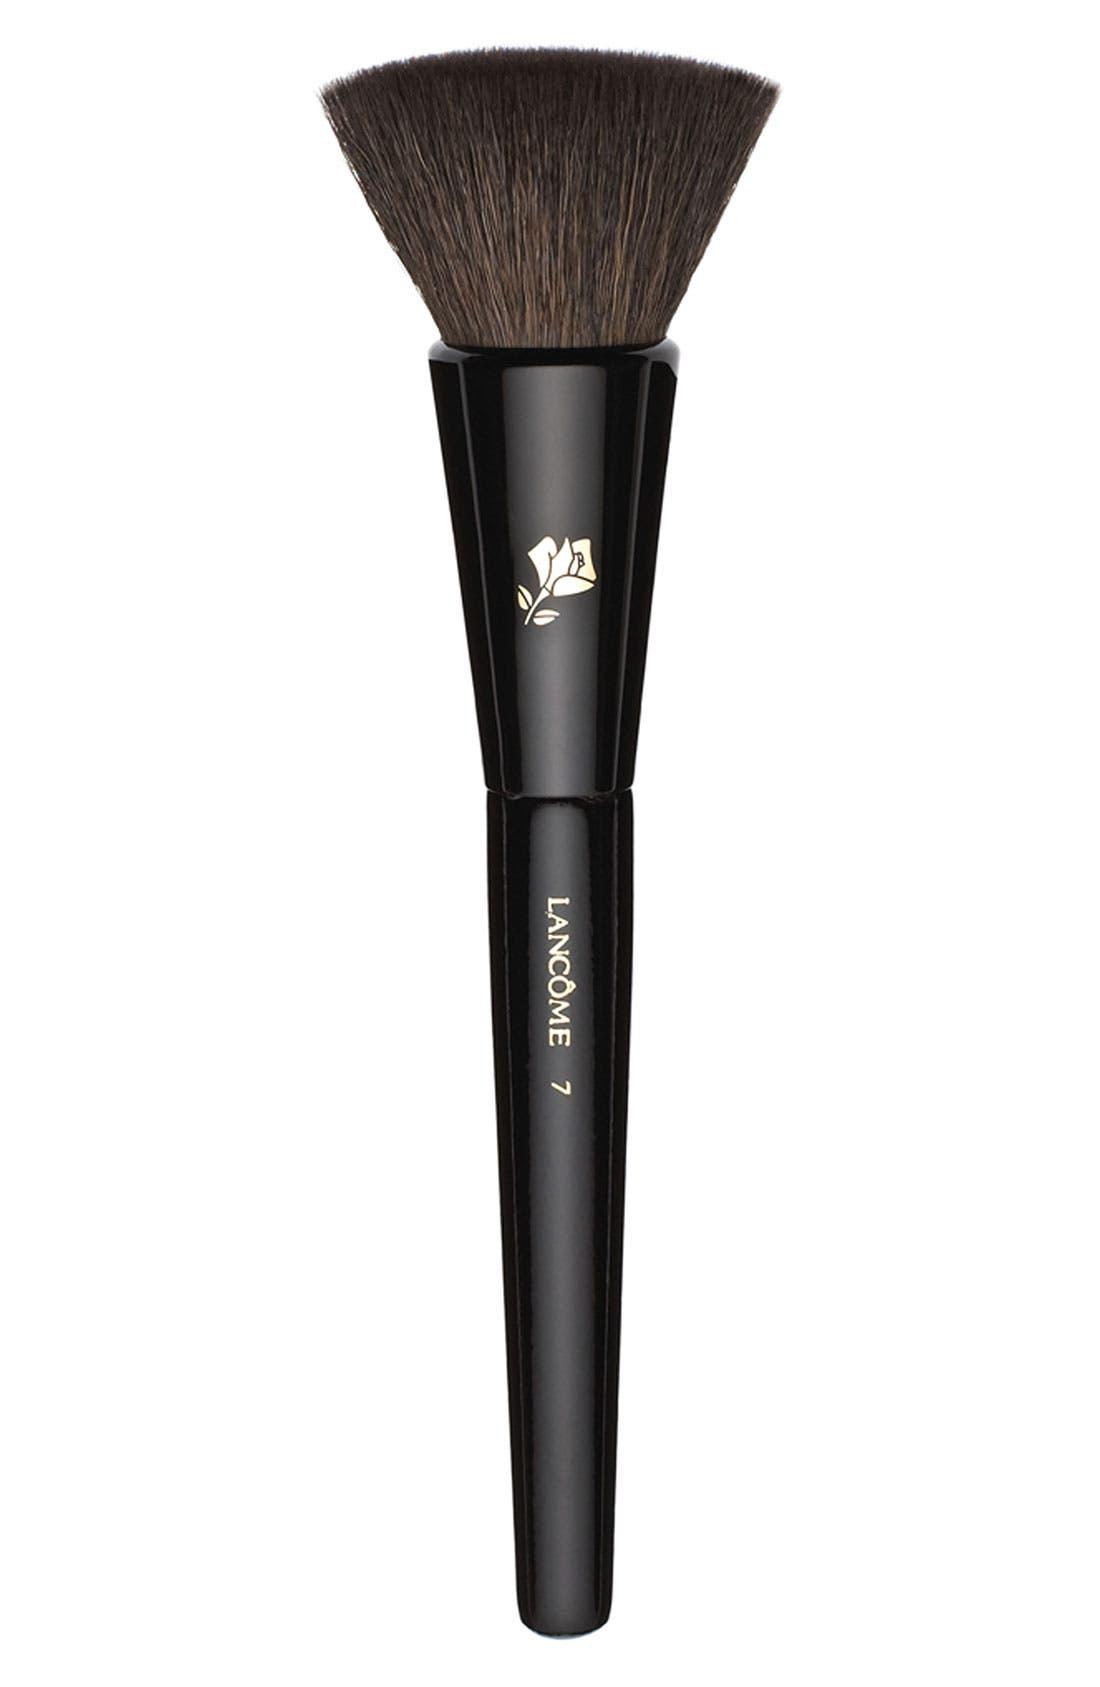 Natural and Flat-Bristled Blush Brush,                             Main thumbnail 1, color,